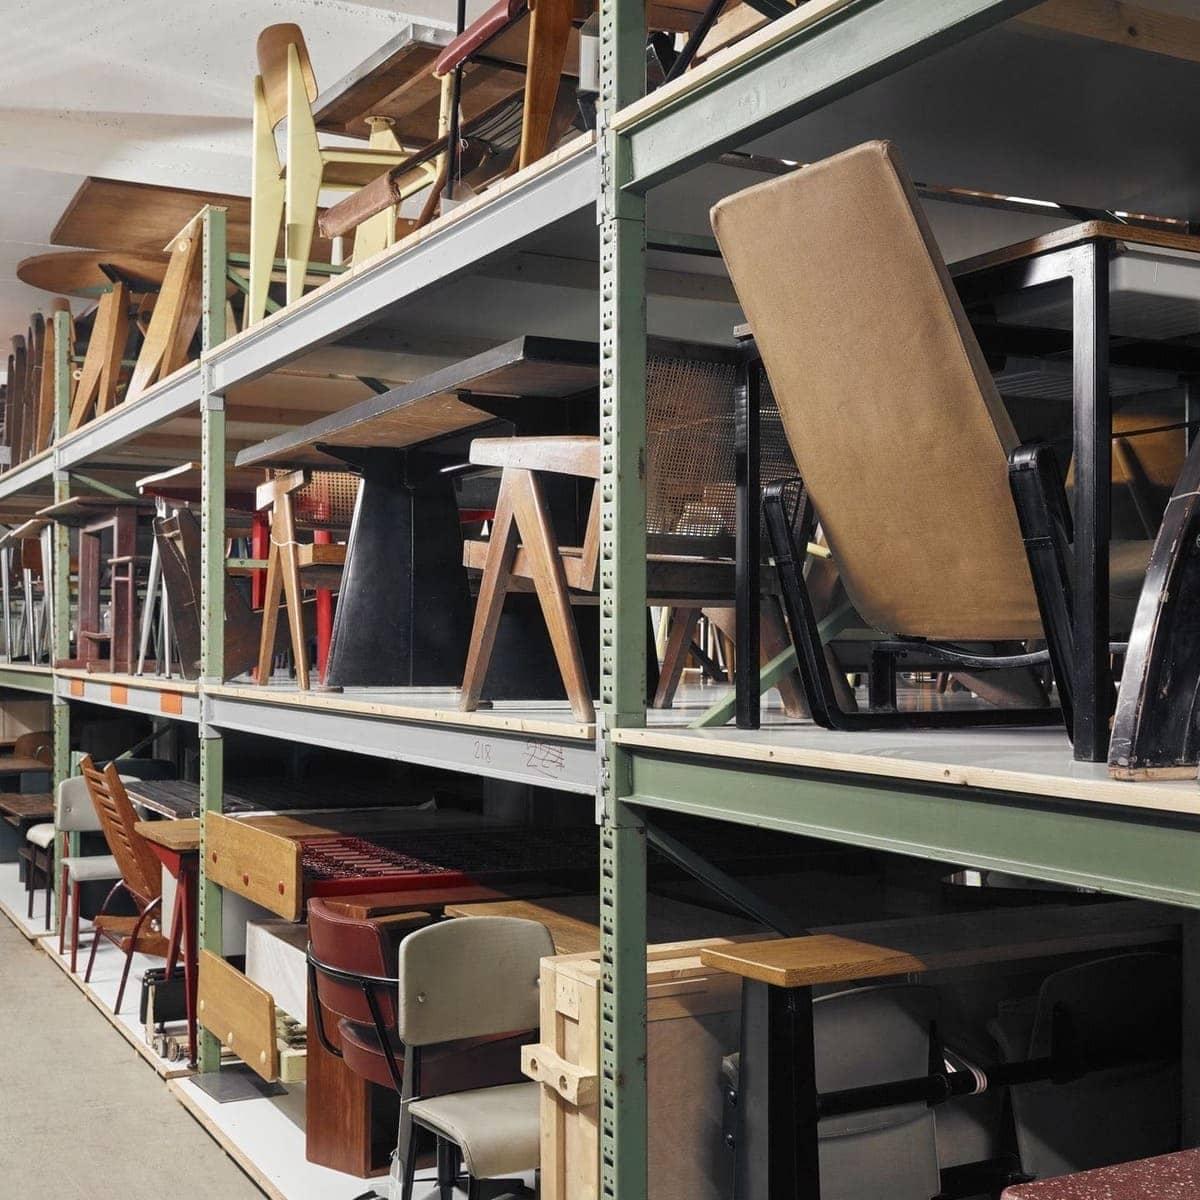 Ein Einblick in die Möbelsammlung des Vitra Design Museum im Untergeschoss des Vitra Schaudepot. Zu sehen sind vornehmlich Stühle, die in einem Lagerregal mit grünen Streben in drei Fächern übereinander gelagert werden. Besonders ins Auge stechen die Standard Stühle von Jean Prouvés.